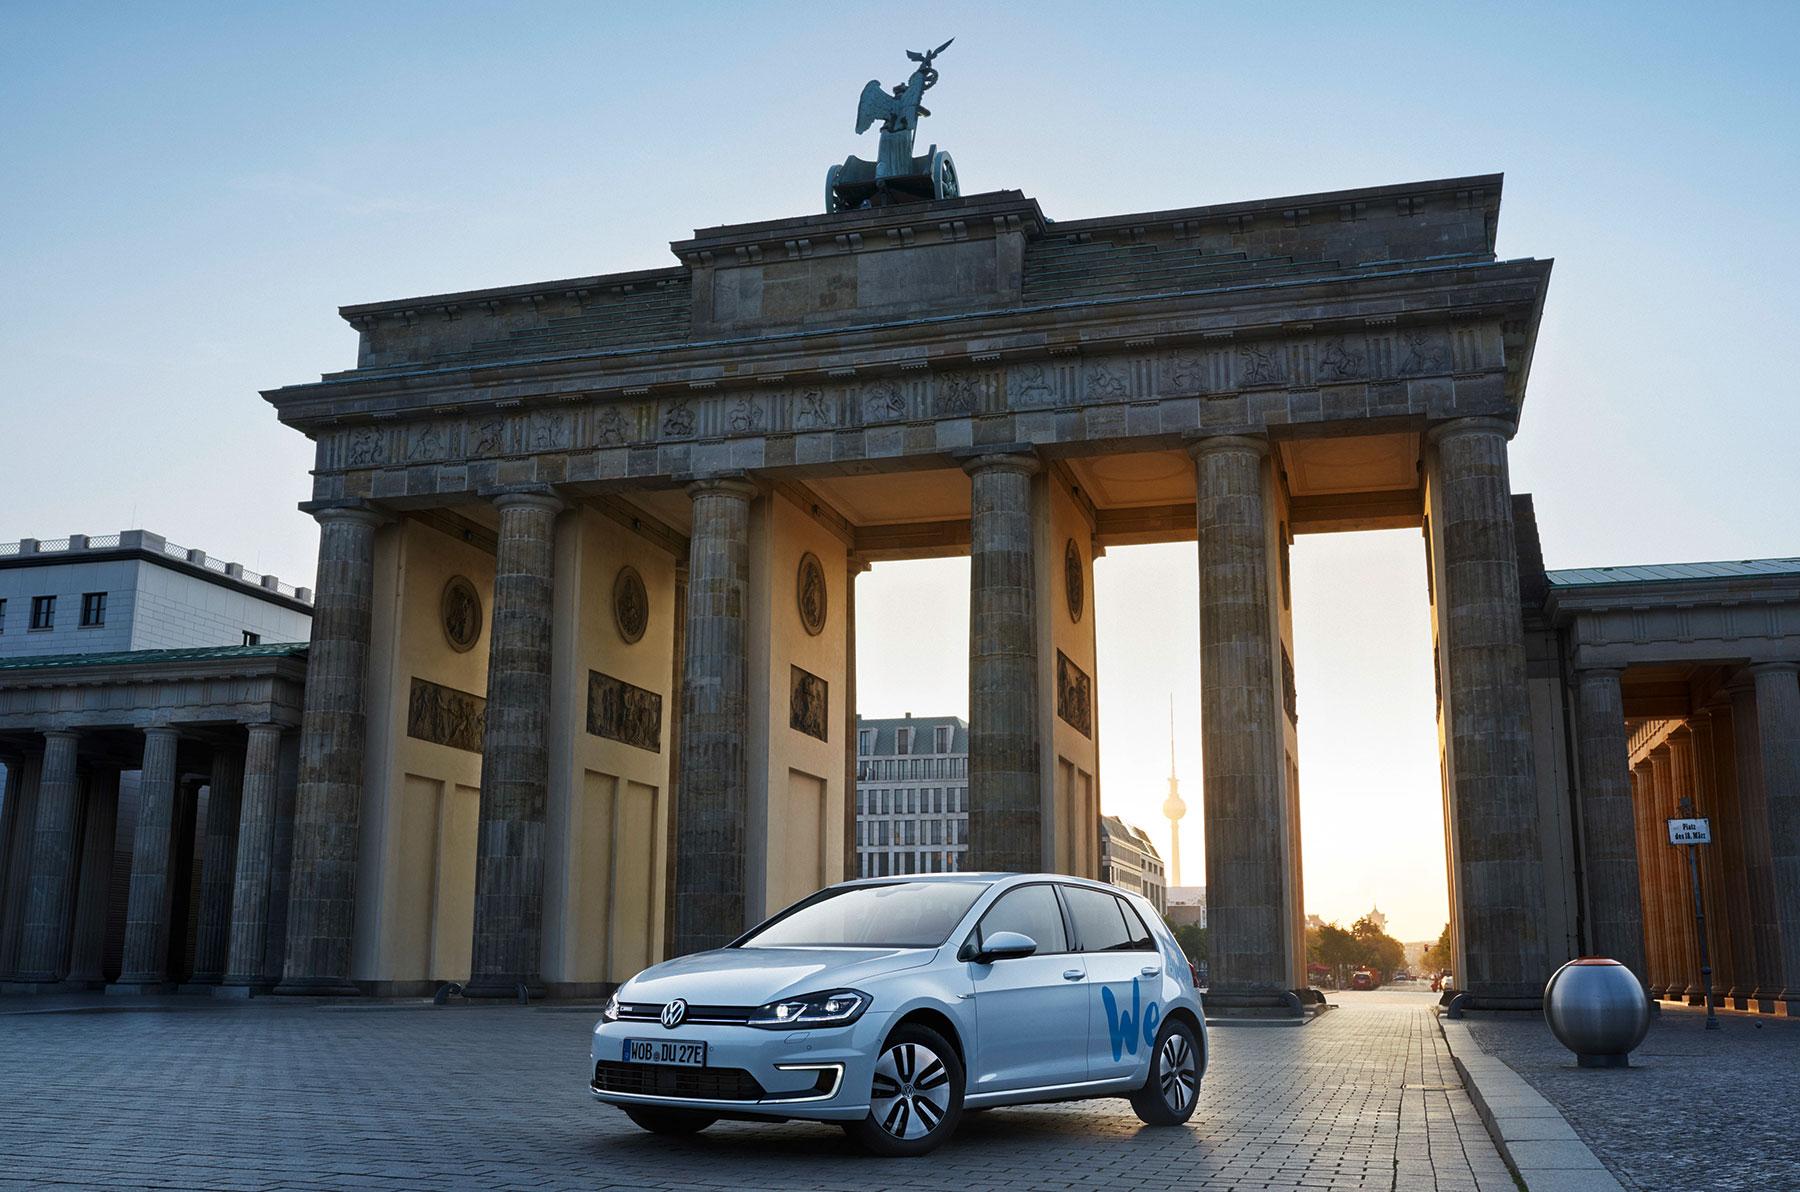 VWs WeShare-Flotte lädt in Zukunft auch bei Lidl und Kaufland